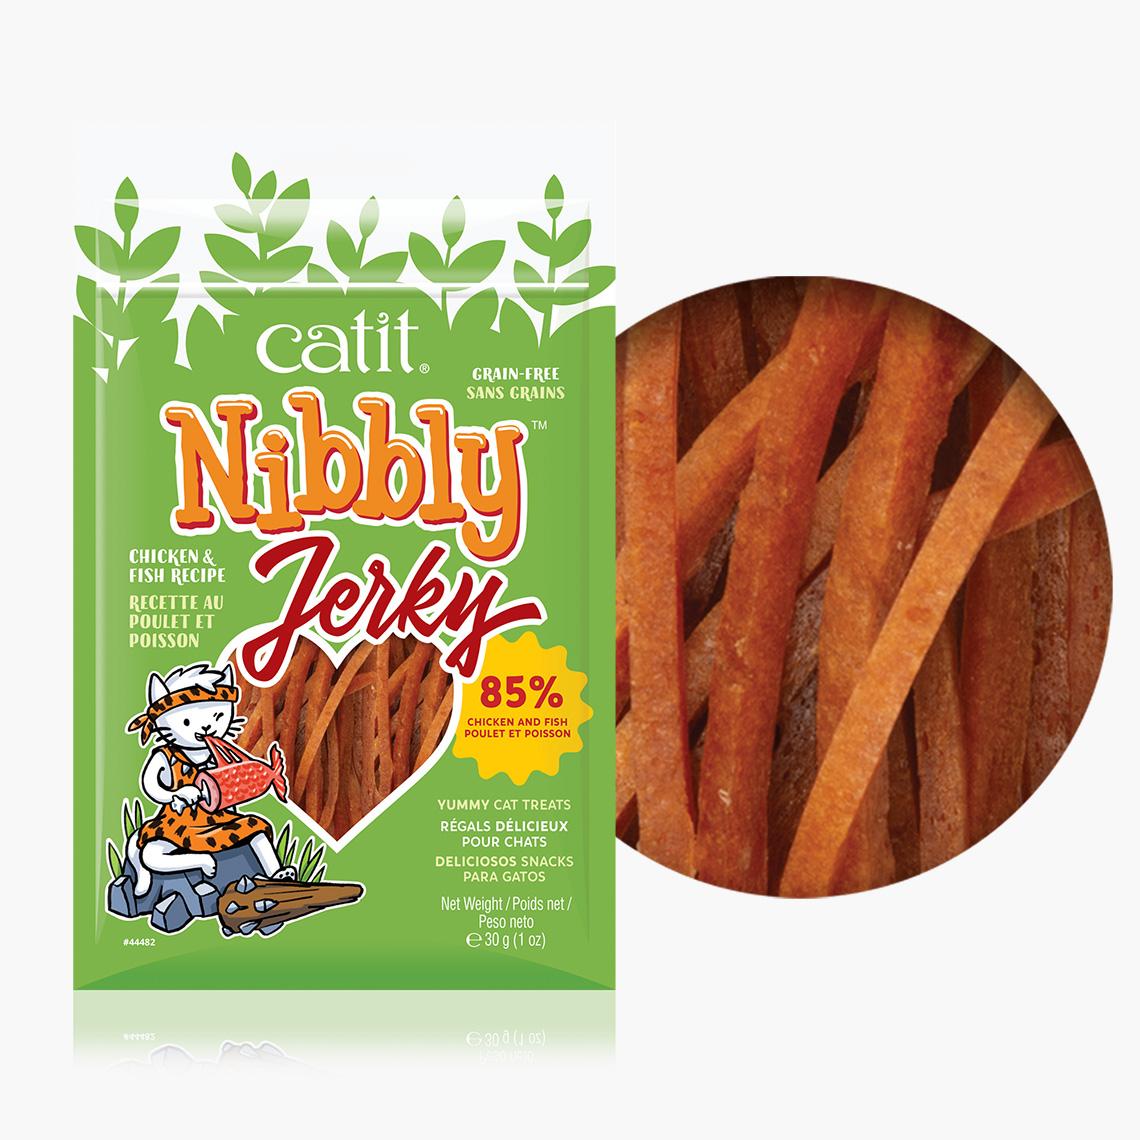 Catit Nibbly Jerky Chicken & Fish Recipe Dog Treats Image